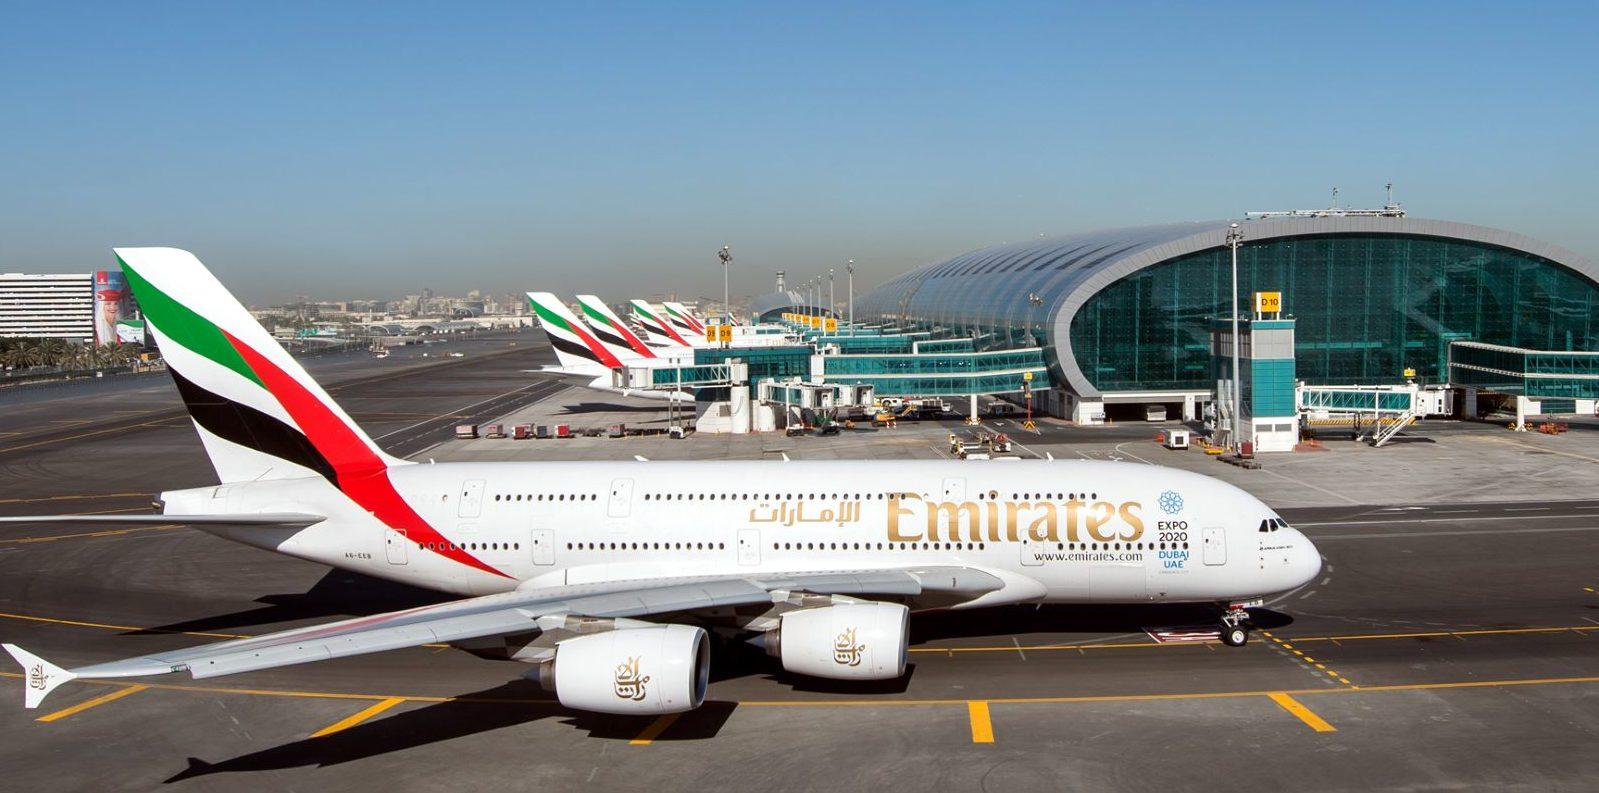 طيران الإمارات تستضيف ندوة أياتا العالمية لتسهيل سفر أصحاب الهمم